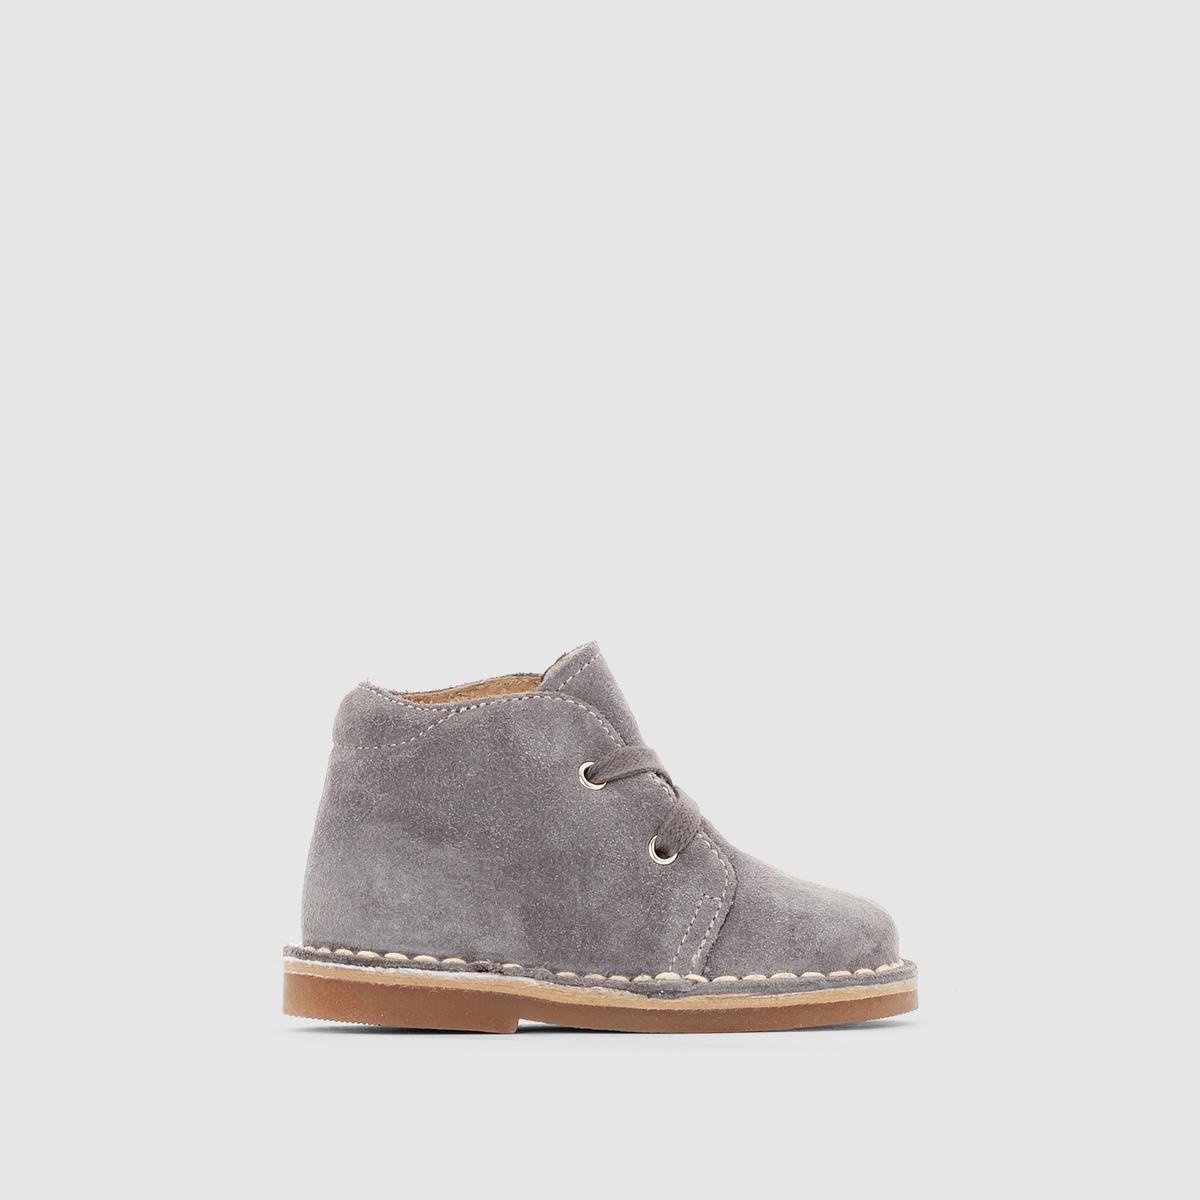 Ботинки кожаные на шнуровке от La Redoute